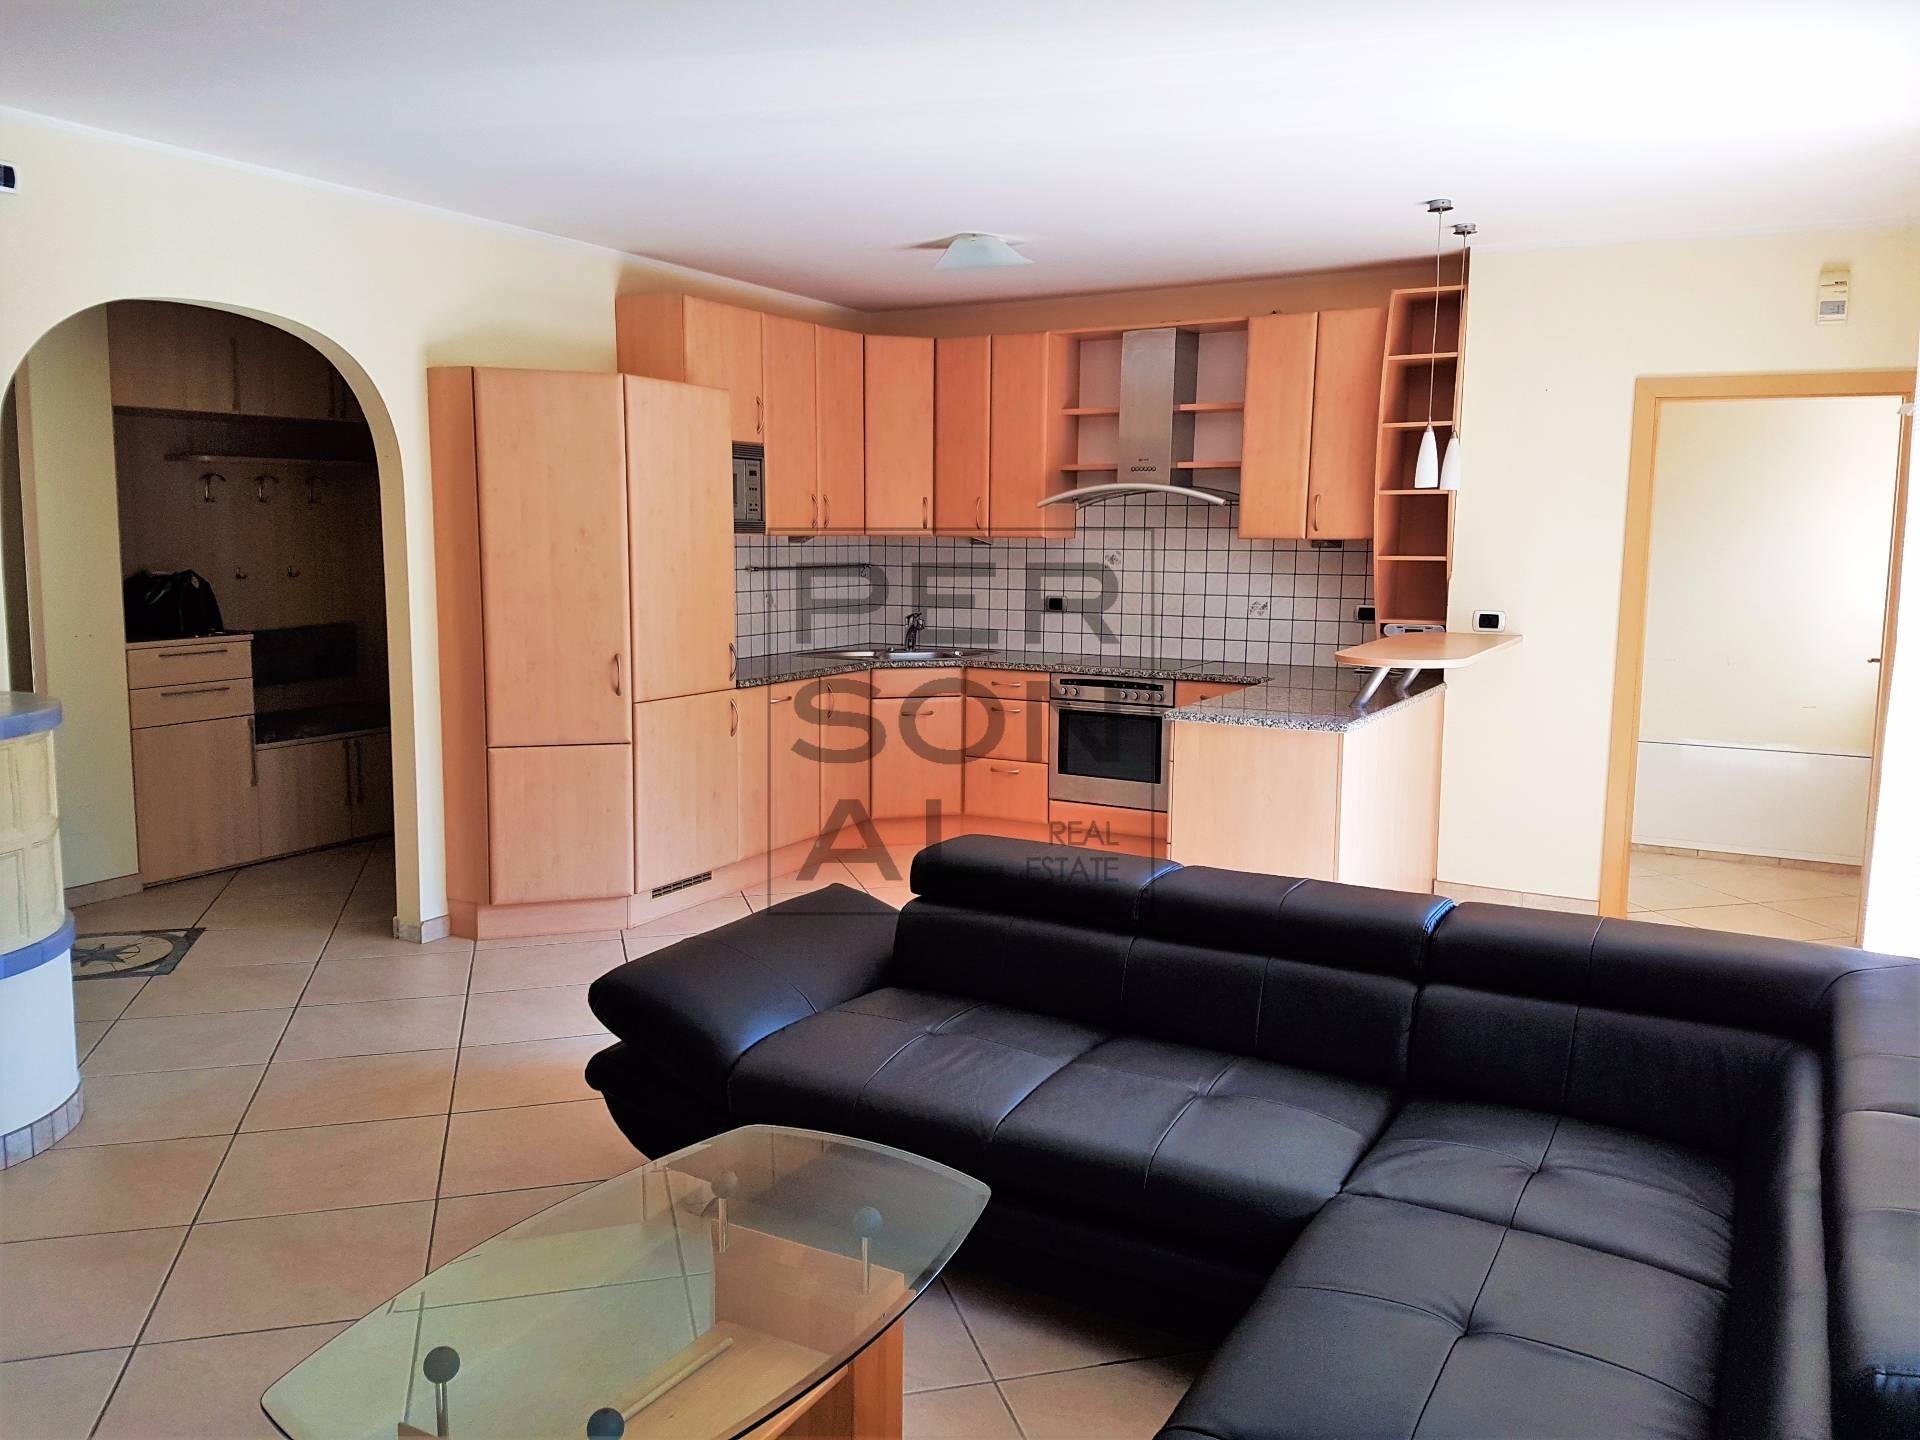 Appartamento in vendita a Salorno, 4 locali, prezzo € 380.000 | CambioCasa.it